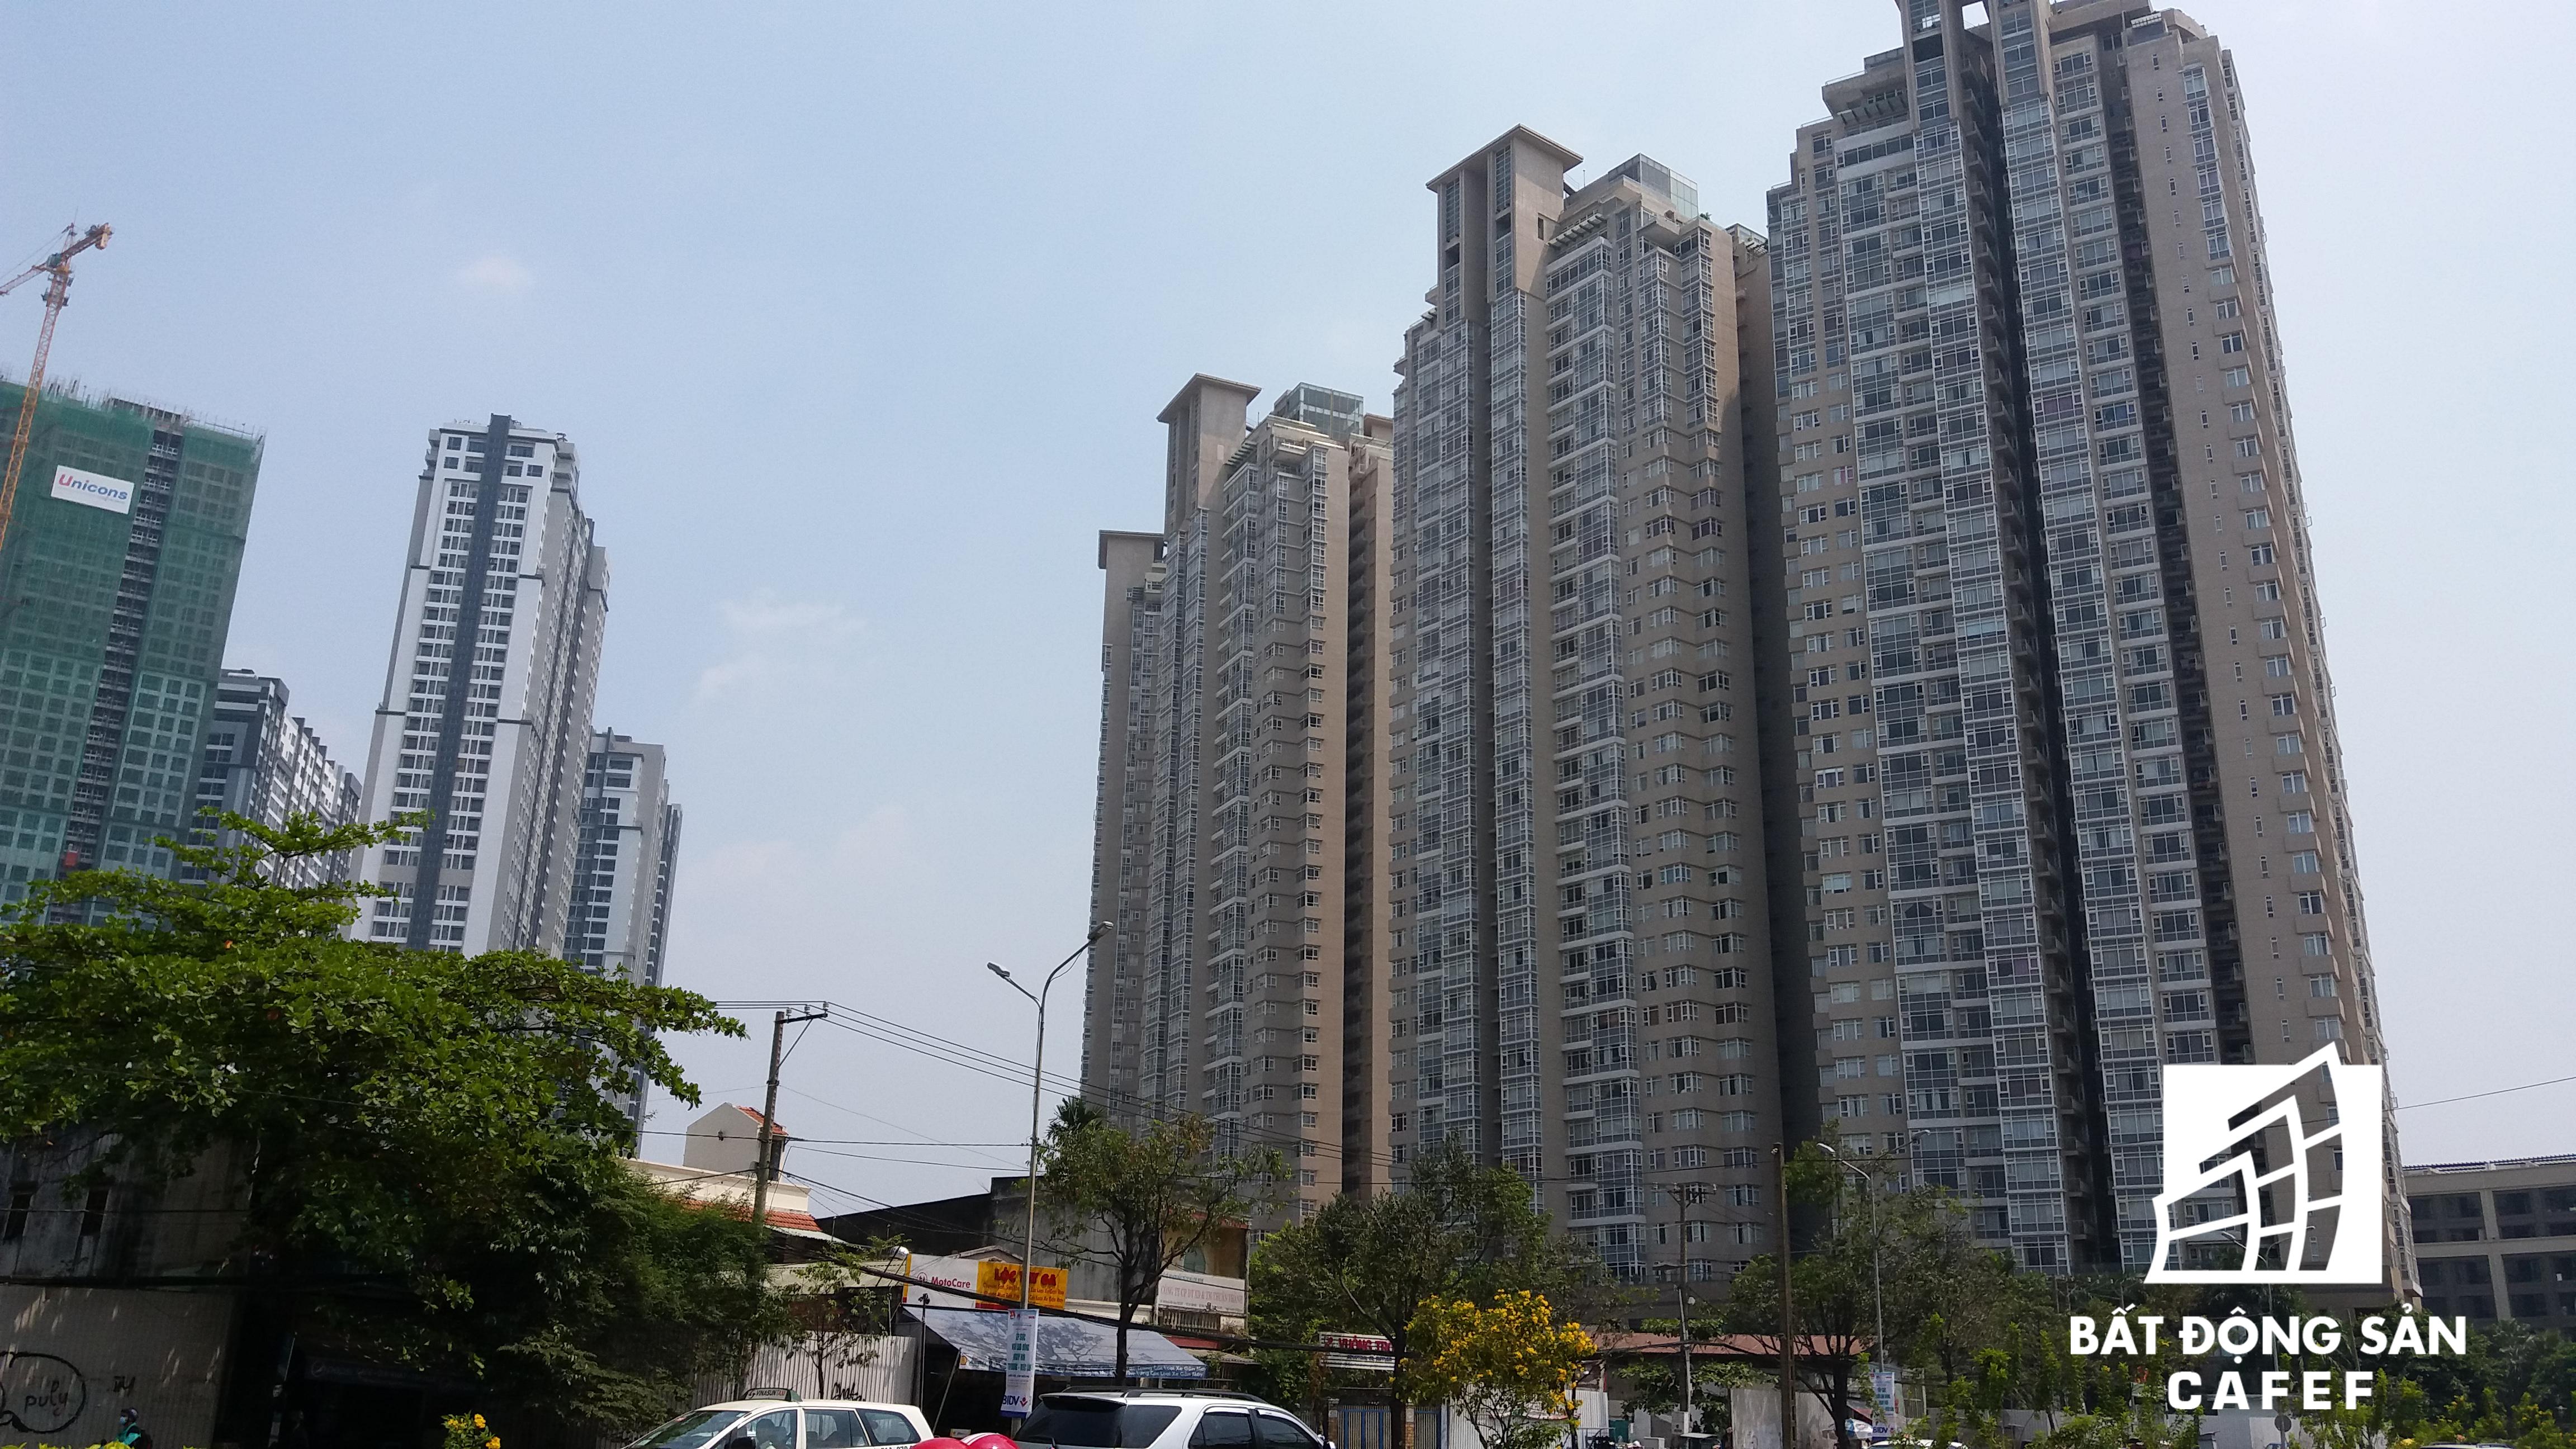 Cao ốc cao tầng đang đua nhau mọc lên trên cung đường Nguyễn Hữu Cảnh, tạo bộ mặt mới cho một đô thị hiện đại ở khu vực này.